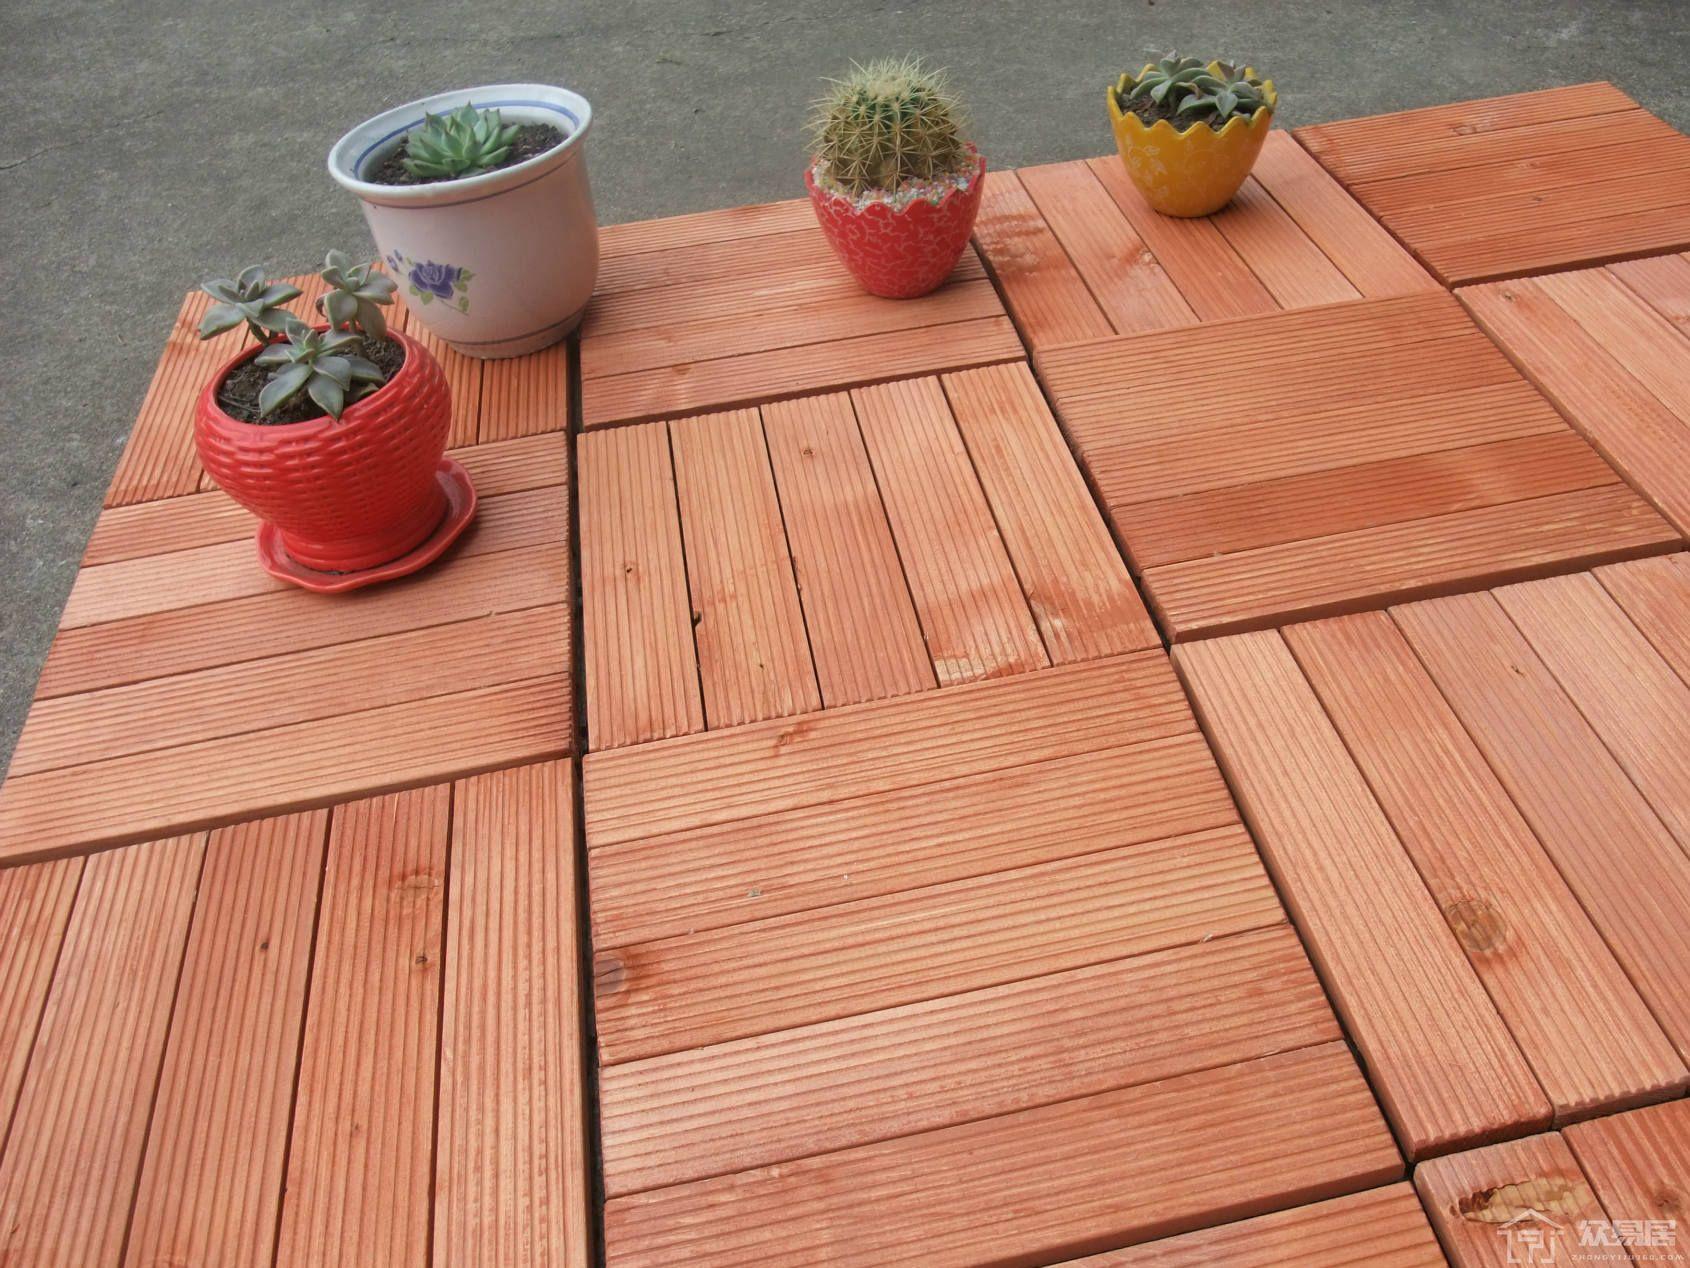 碳化实木地板有什么好处 碳化实木地板有哪些优点